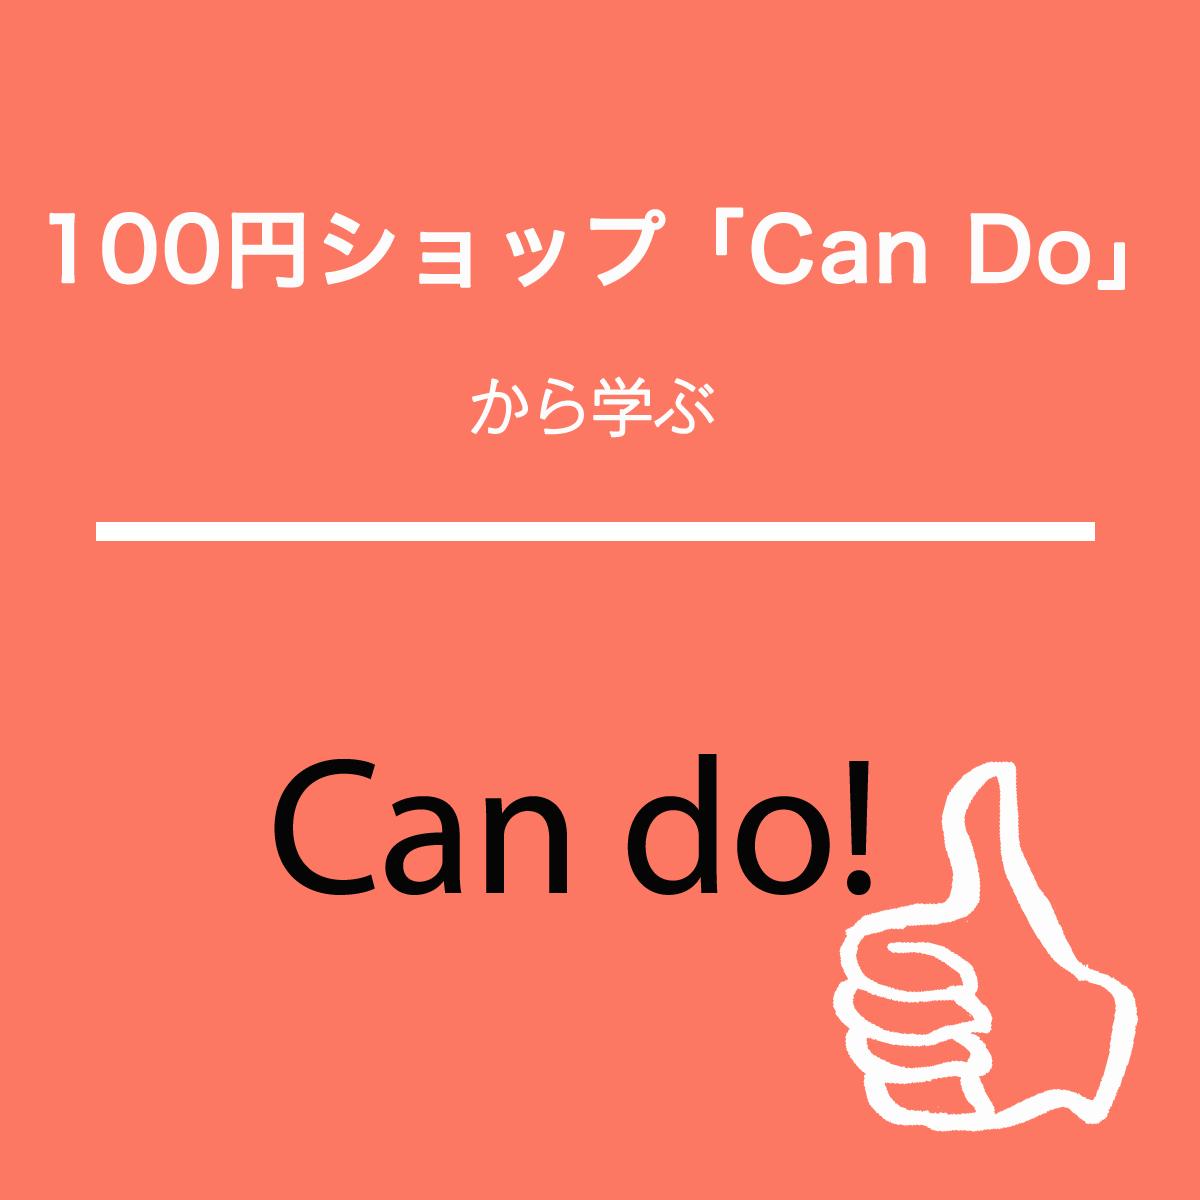 100円ショップ 「Can Do」から学ぶ→Can do!